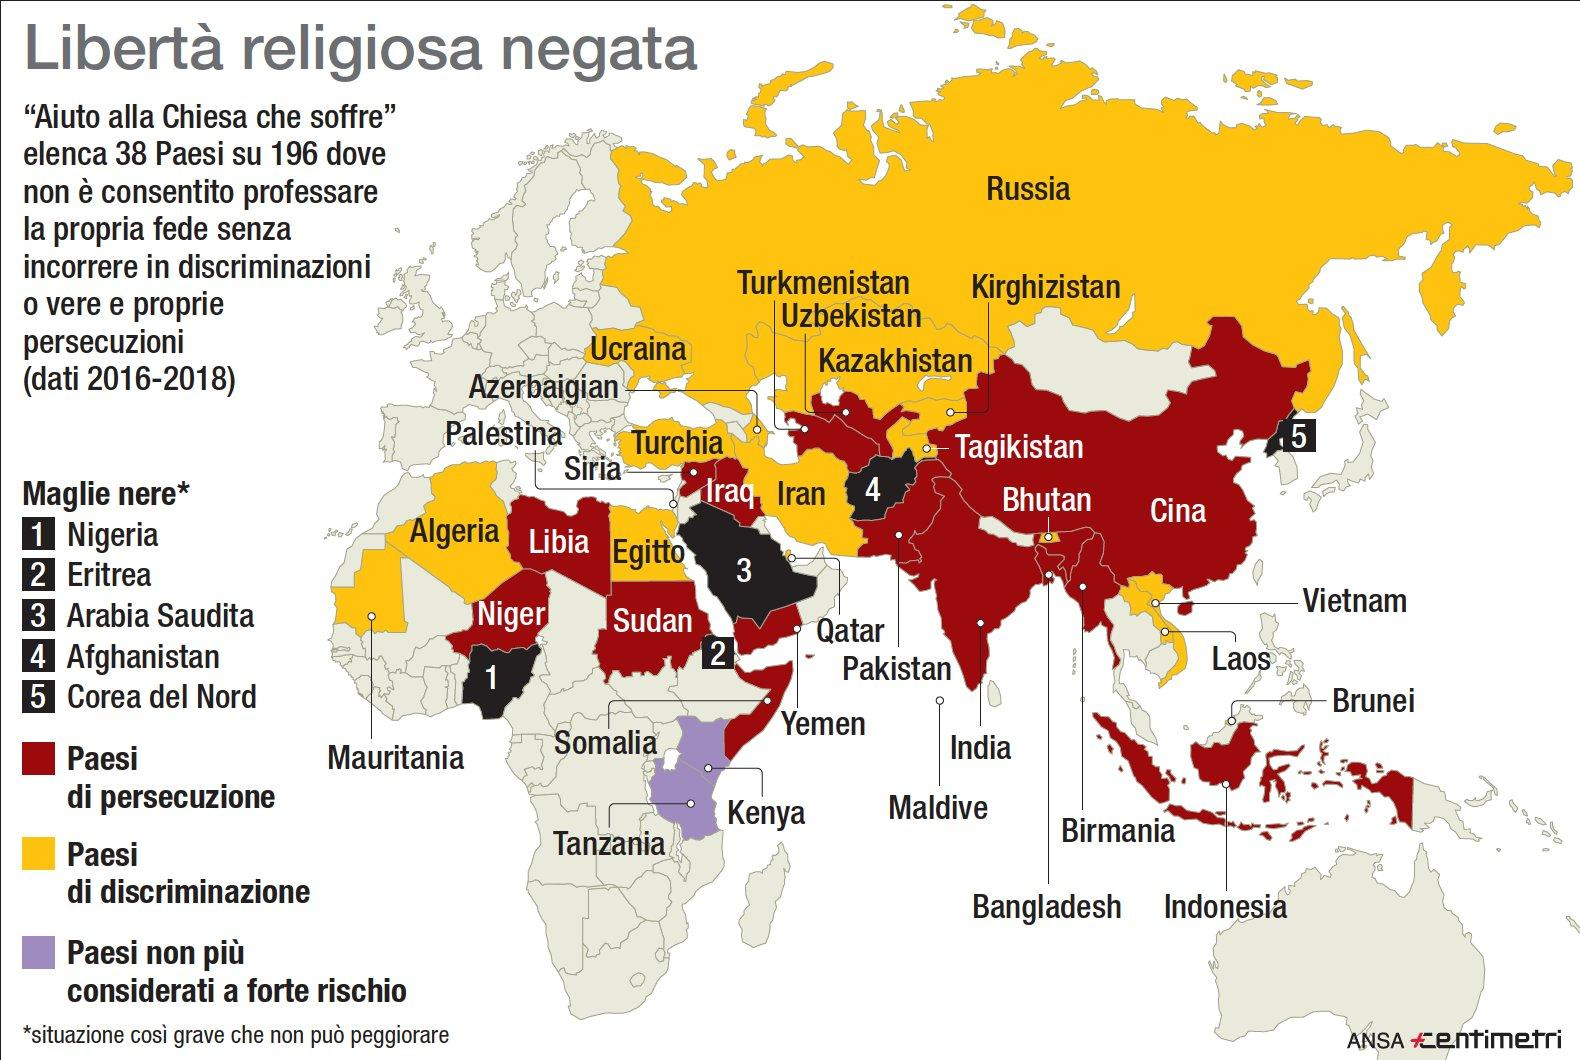 Libertà di confessione negata, i religiosi perseguitati nel mondo